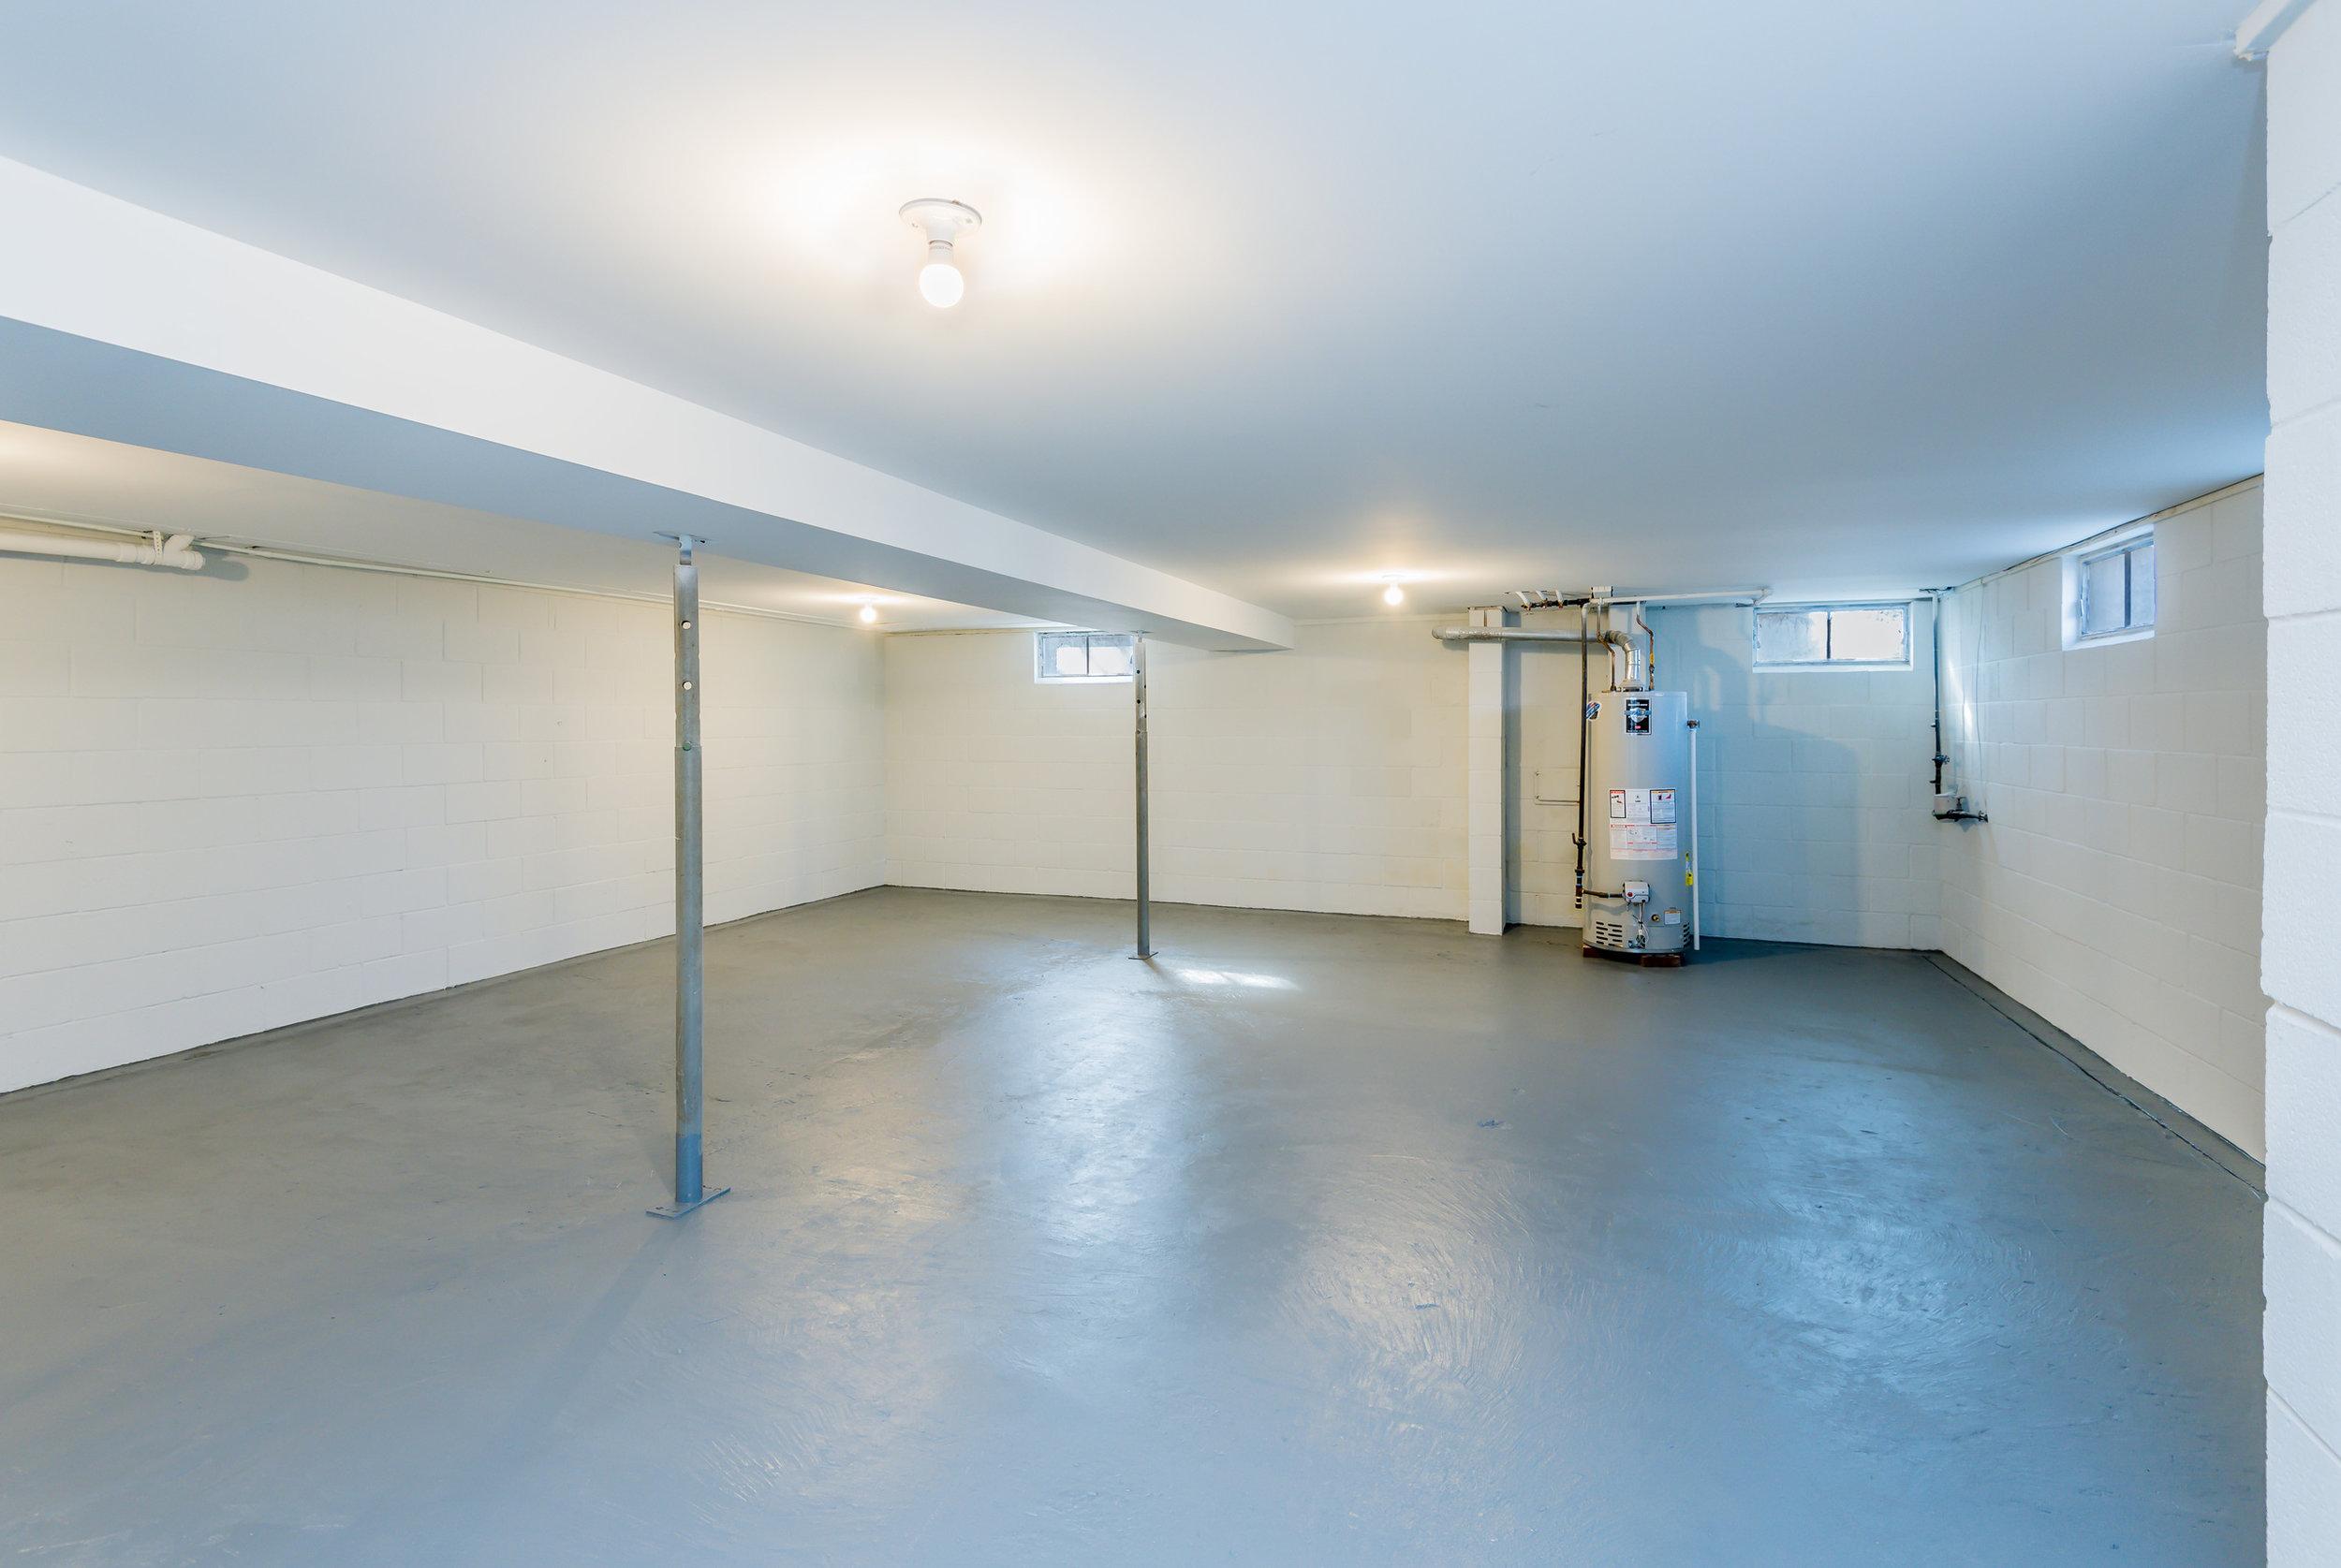 basement_1_of_1_.jpg